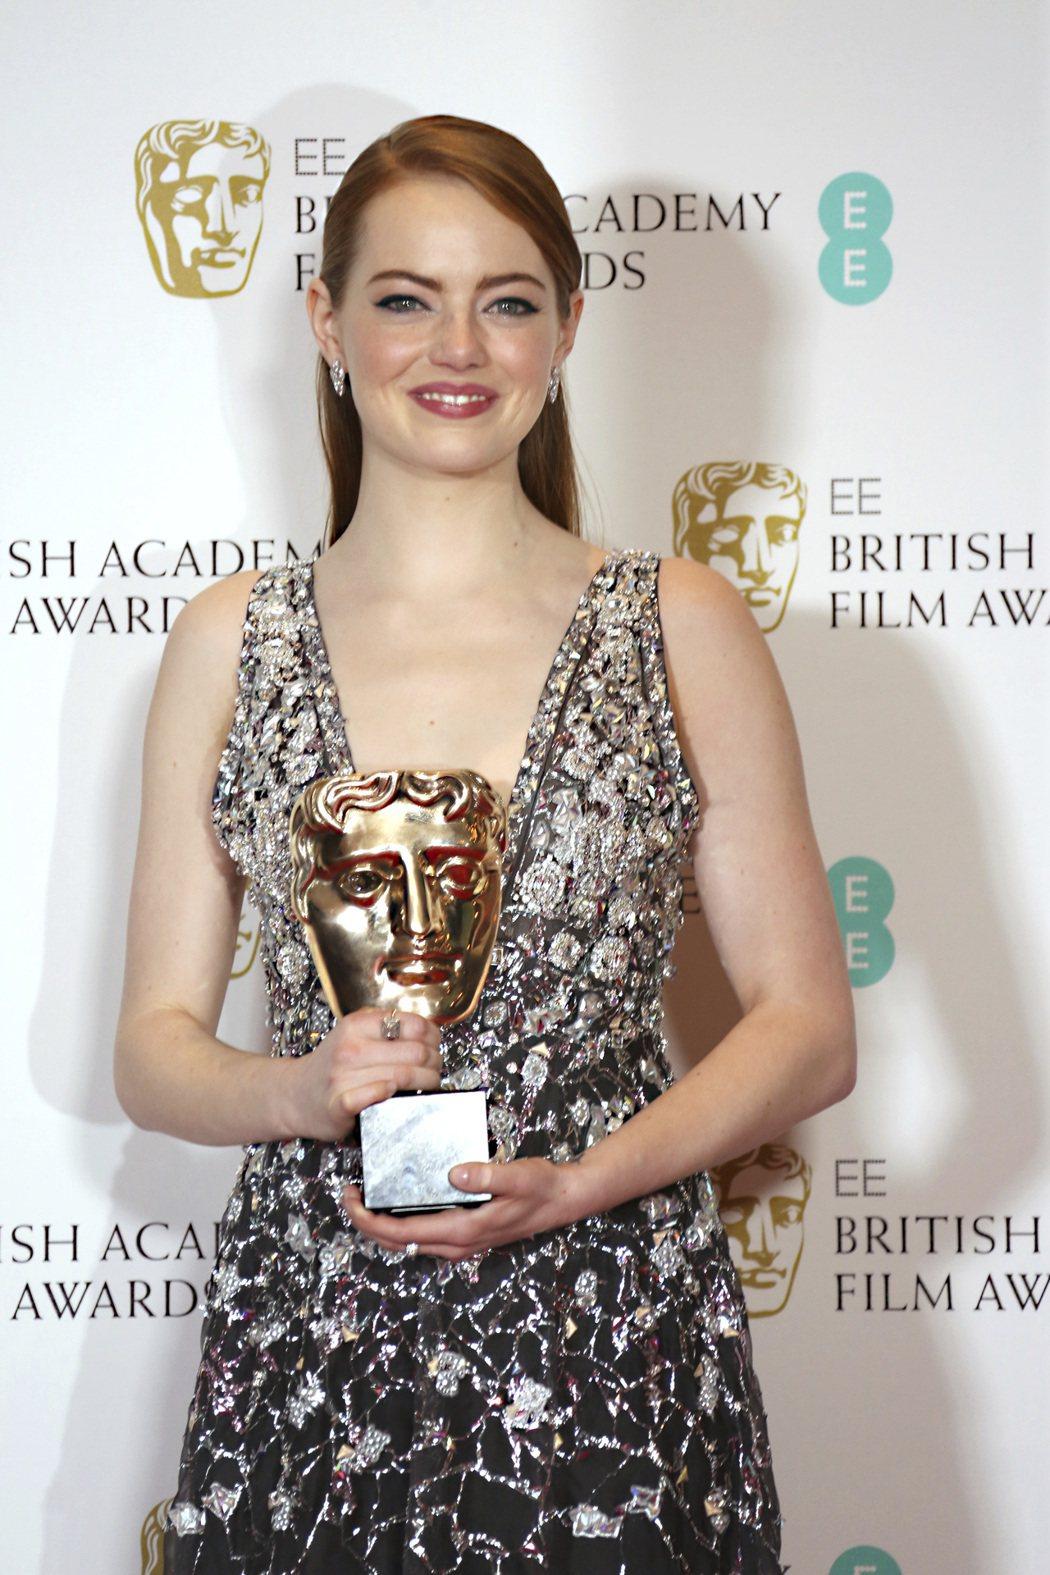 艾瑪史東以《樂來越愛你》獲英國奧斯卡最佳女主角獎。 圖/美聯社